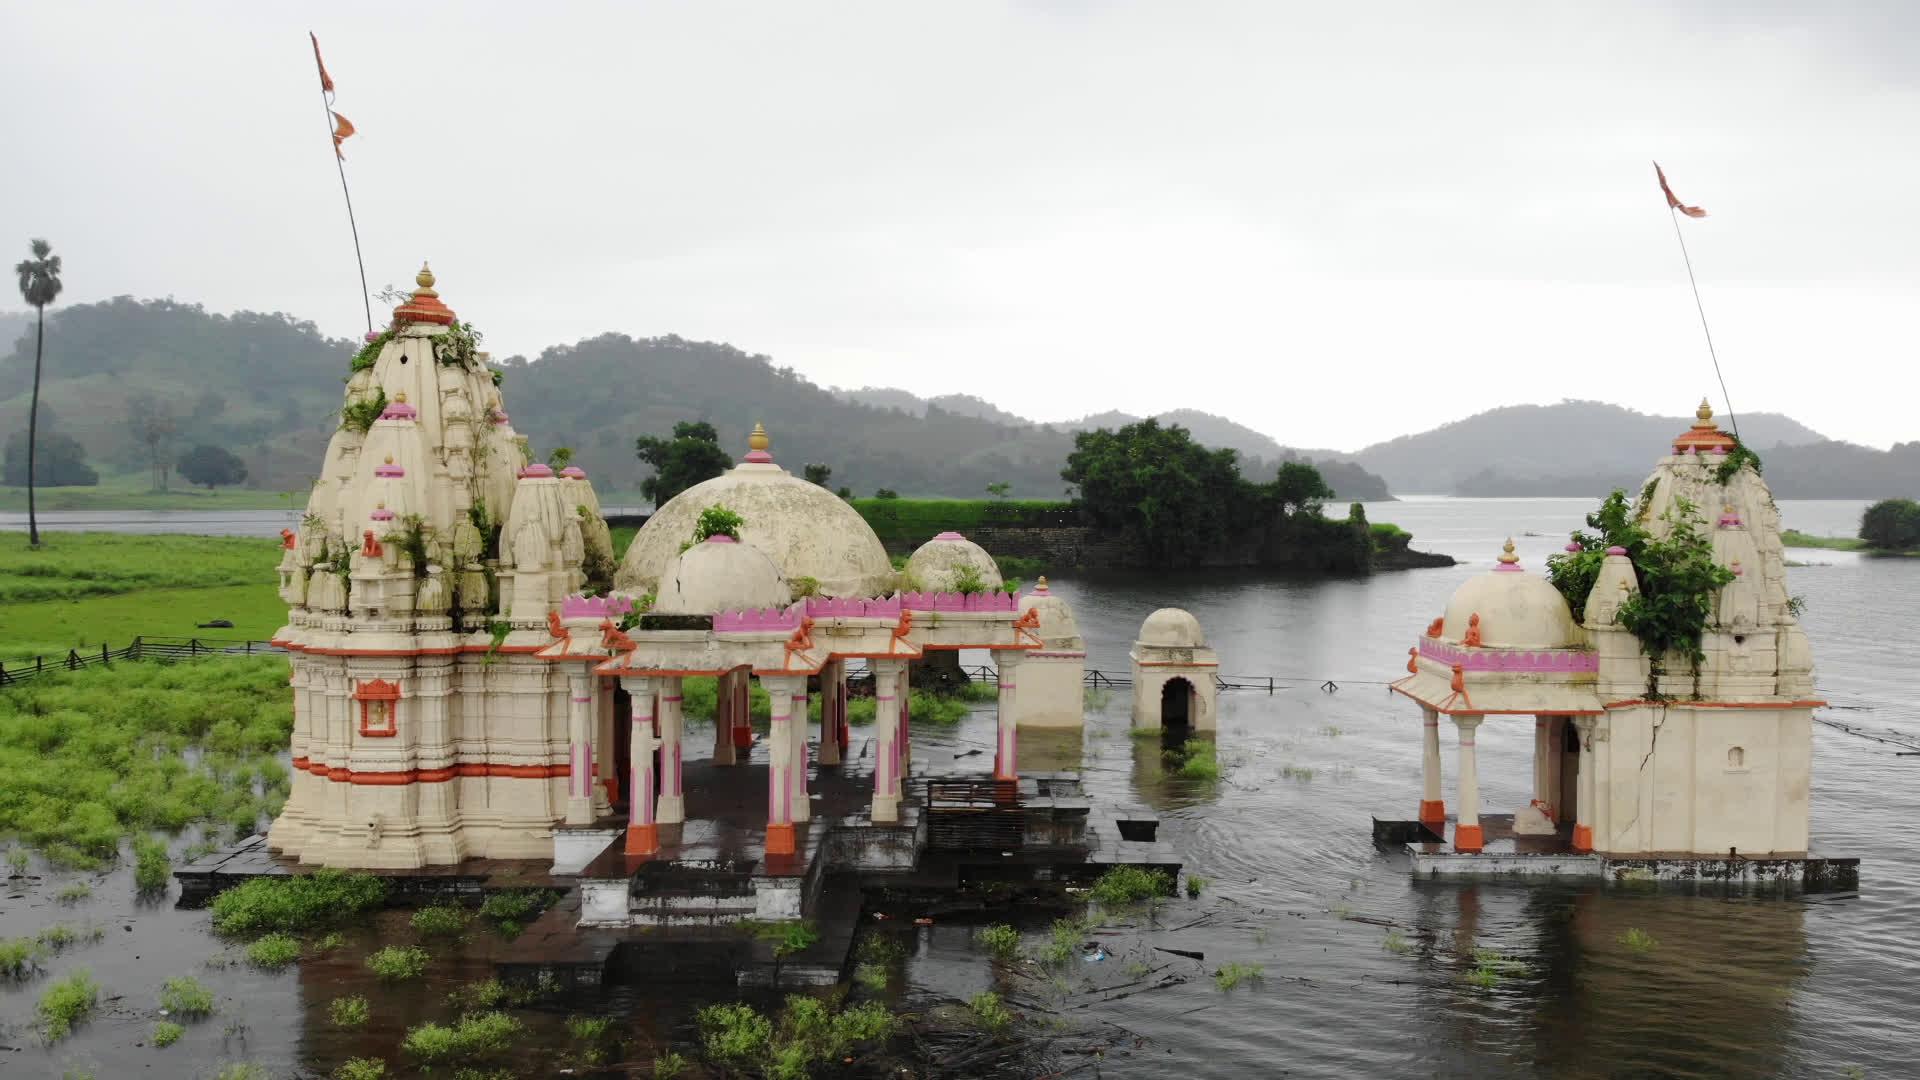 जुनाराज, राजपीपला के पानी में डूबा हुआ शहर